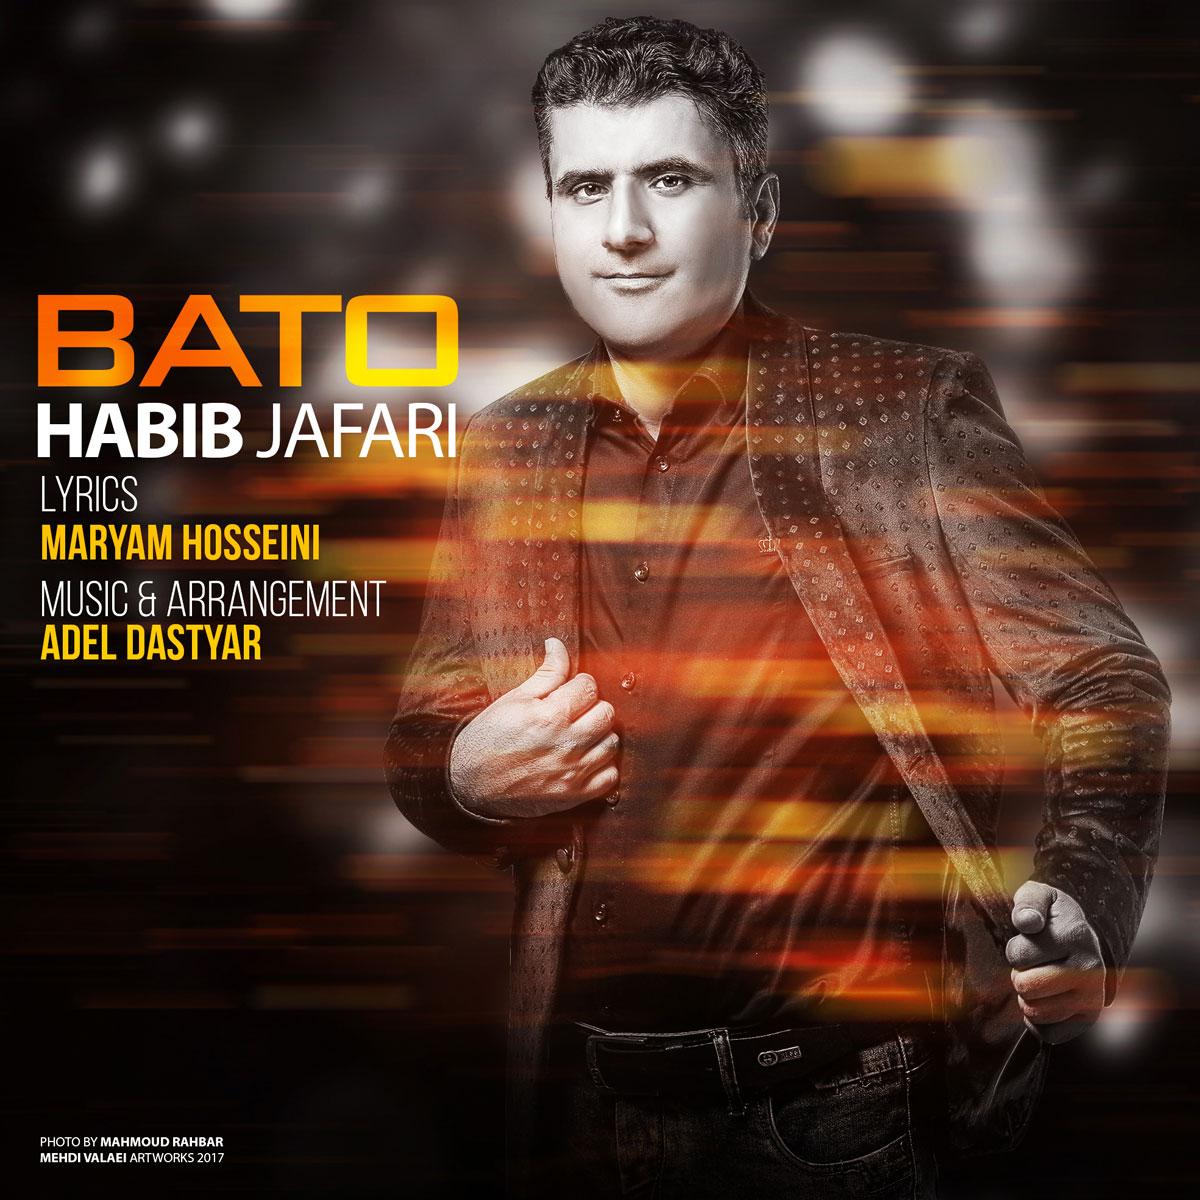 Habib Jafari – Ba to